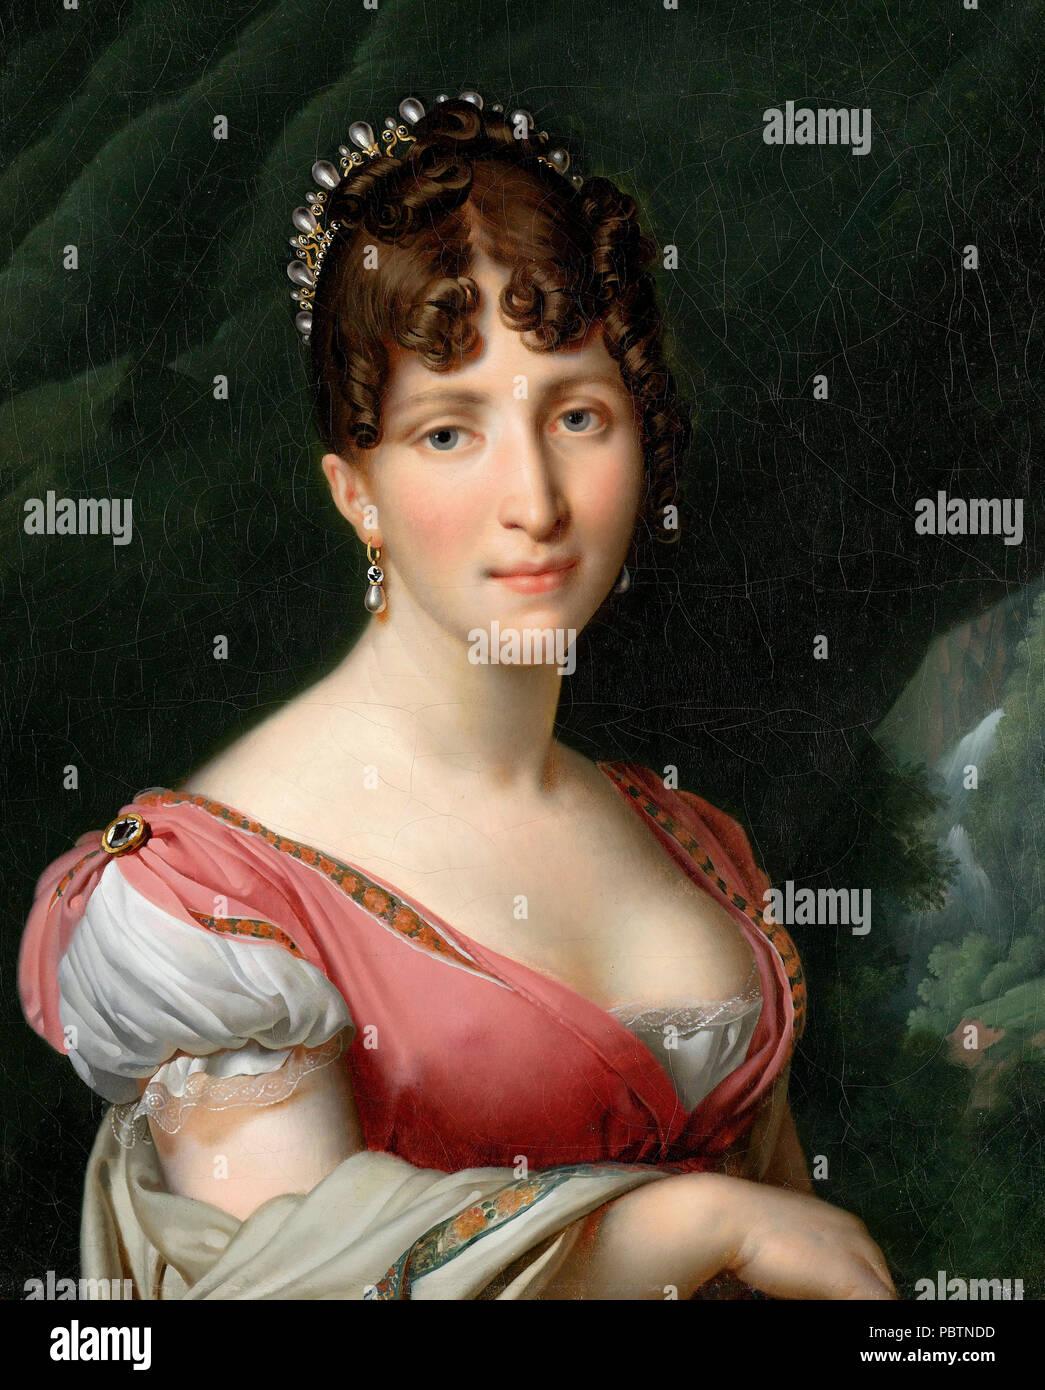 Retrato de Hortense de Beauharnais, Reina de Holanda, esposa del rey Luis Napoleón. Anne-Louis Girodet de Roussy-Trioson, circa 1805 Foto de stock